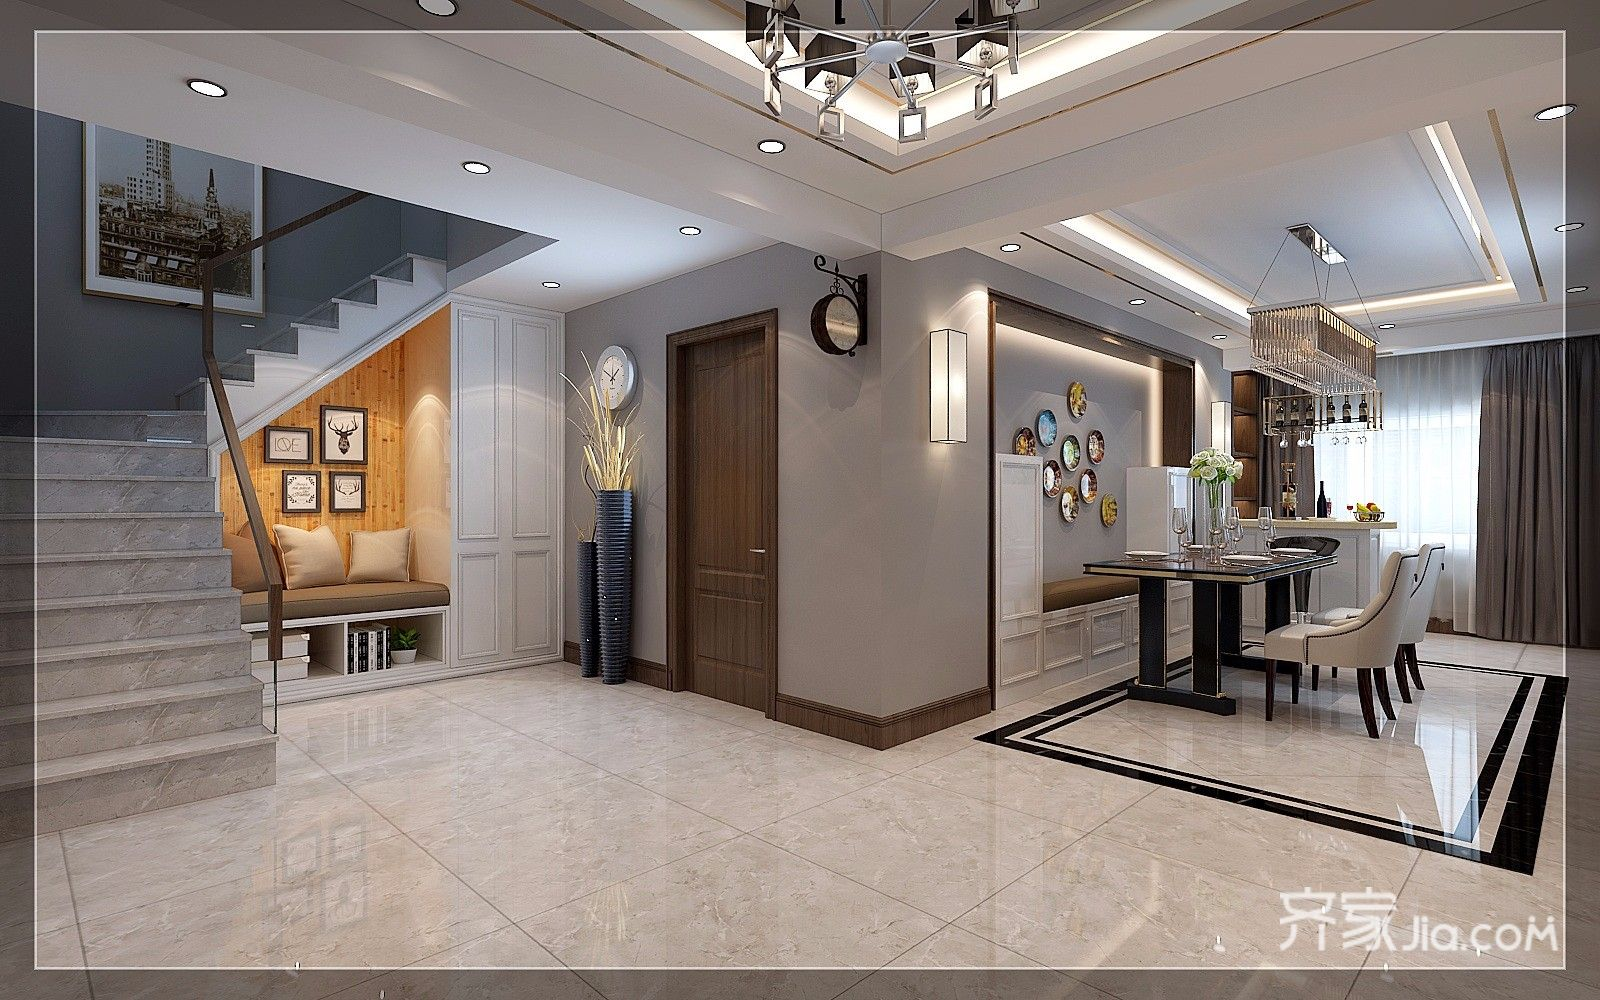 现代奢华复式三居楼梯间装修效果图